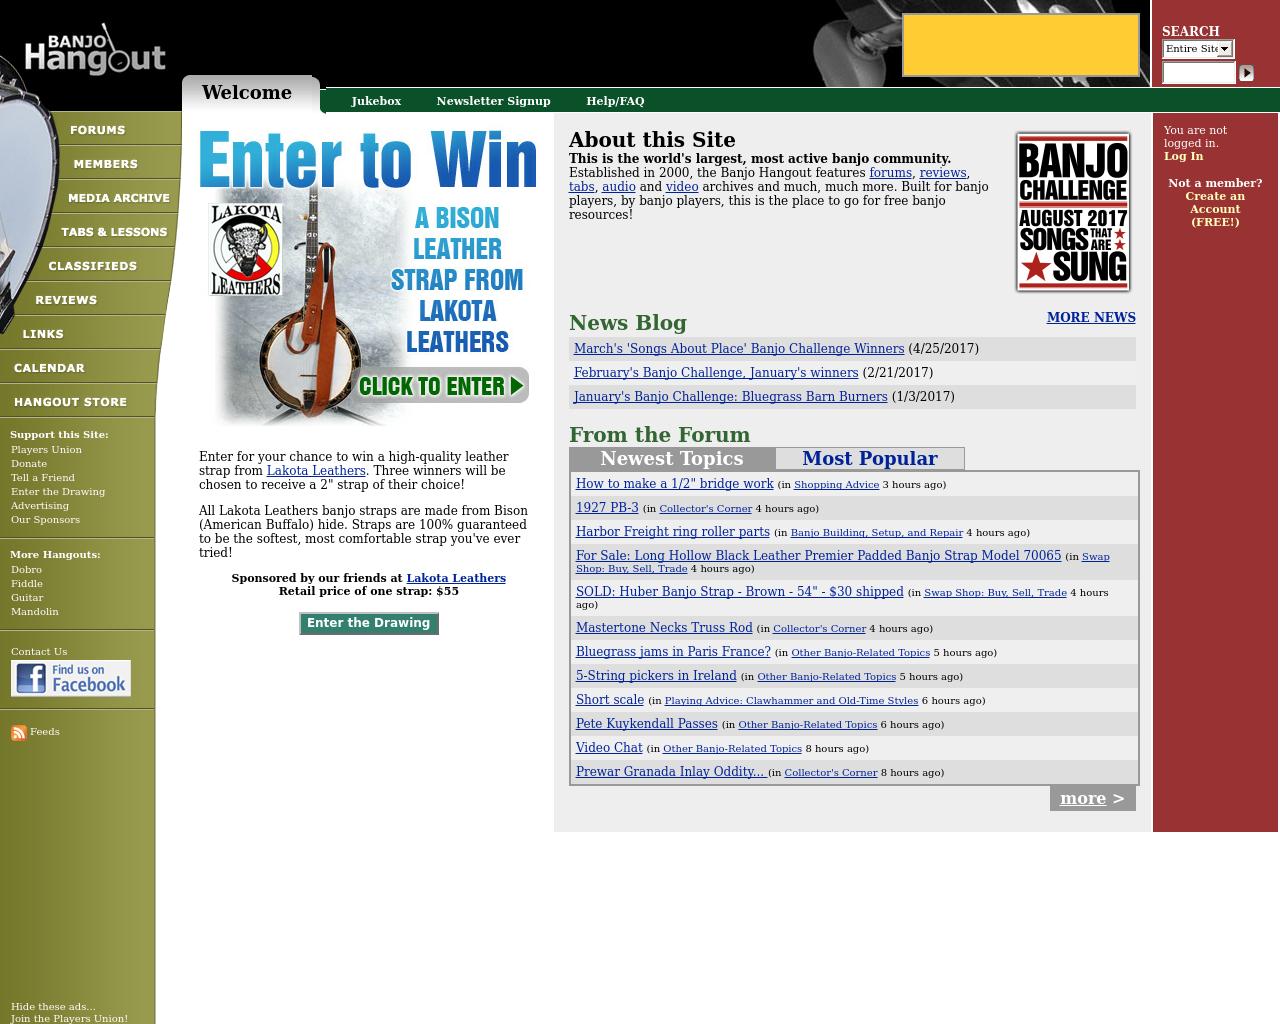 Banjo-Hangout-Advertising-Reviews-Pricing